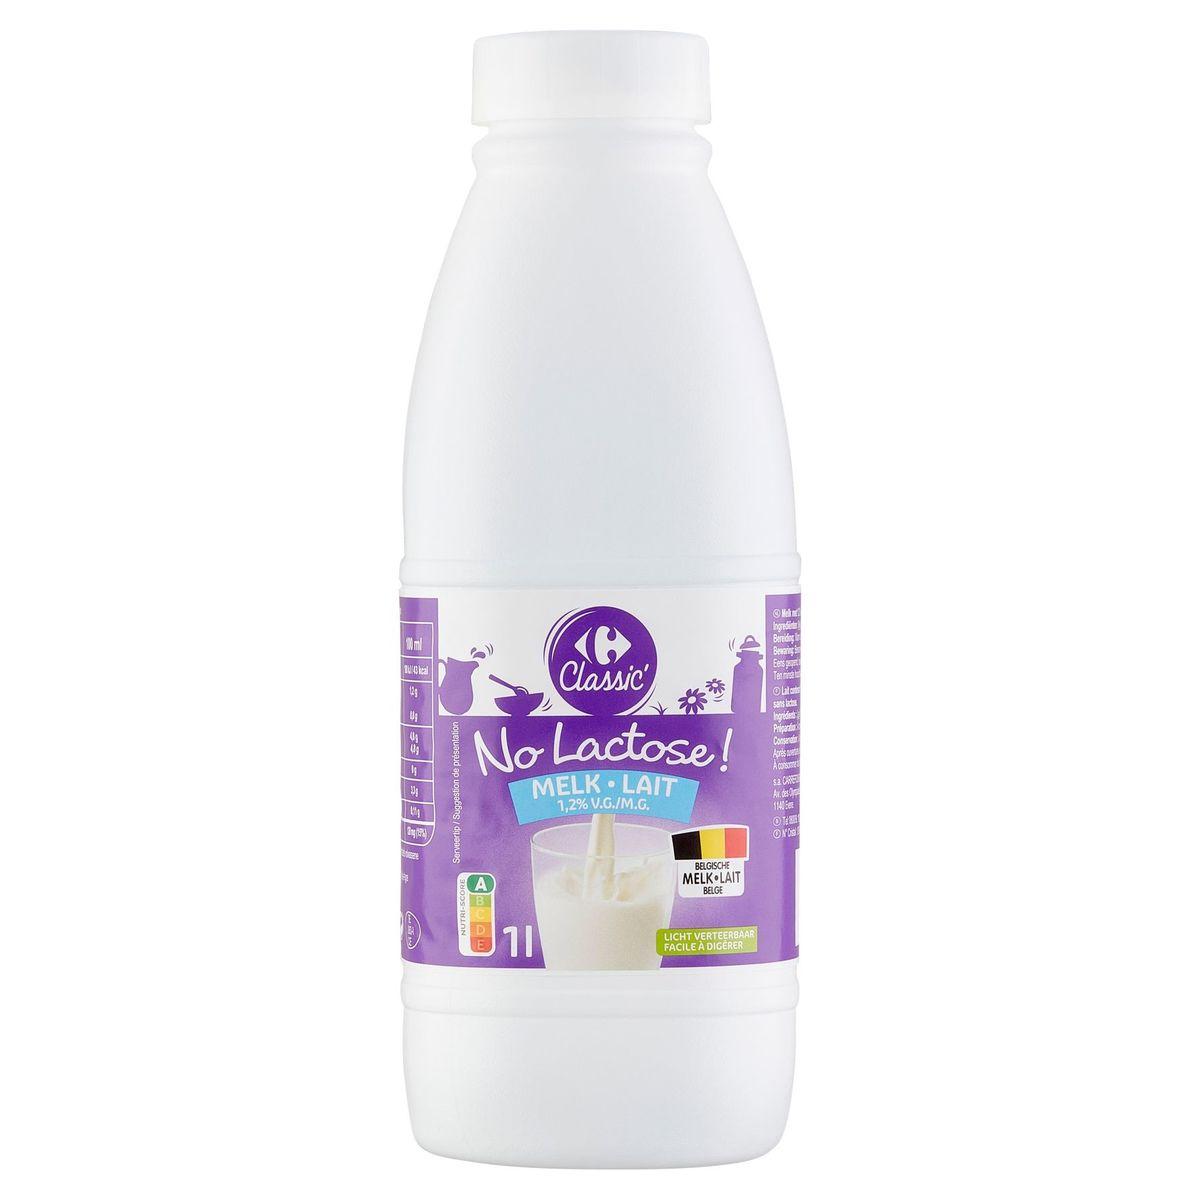 Carrefour Lait 1.2% M.G. 1 L